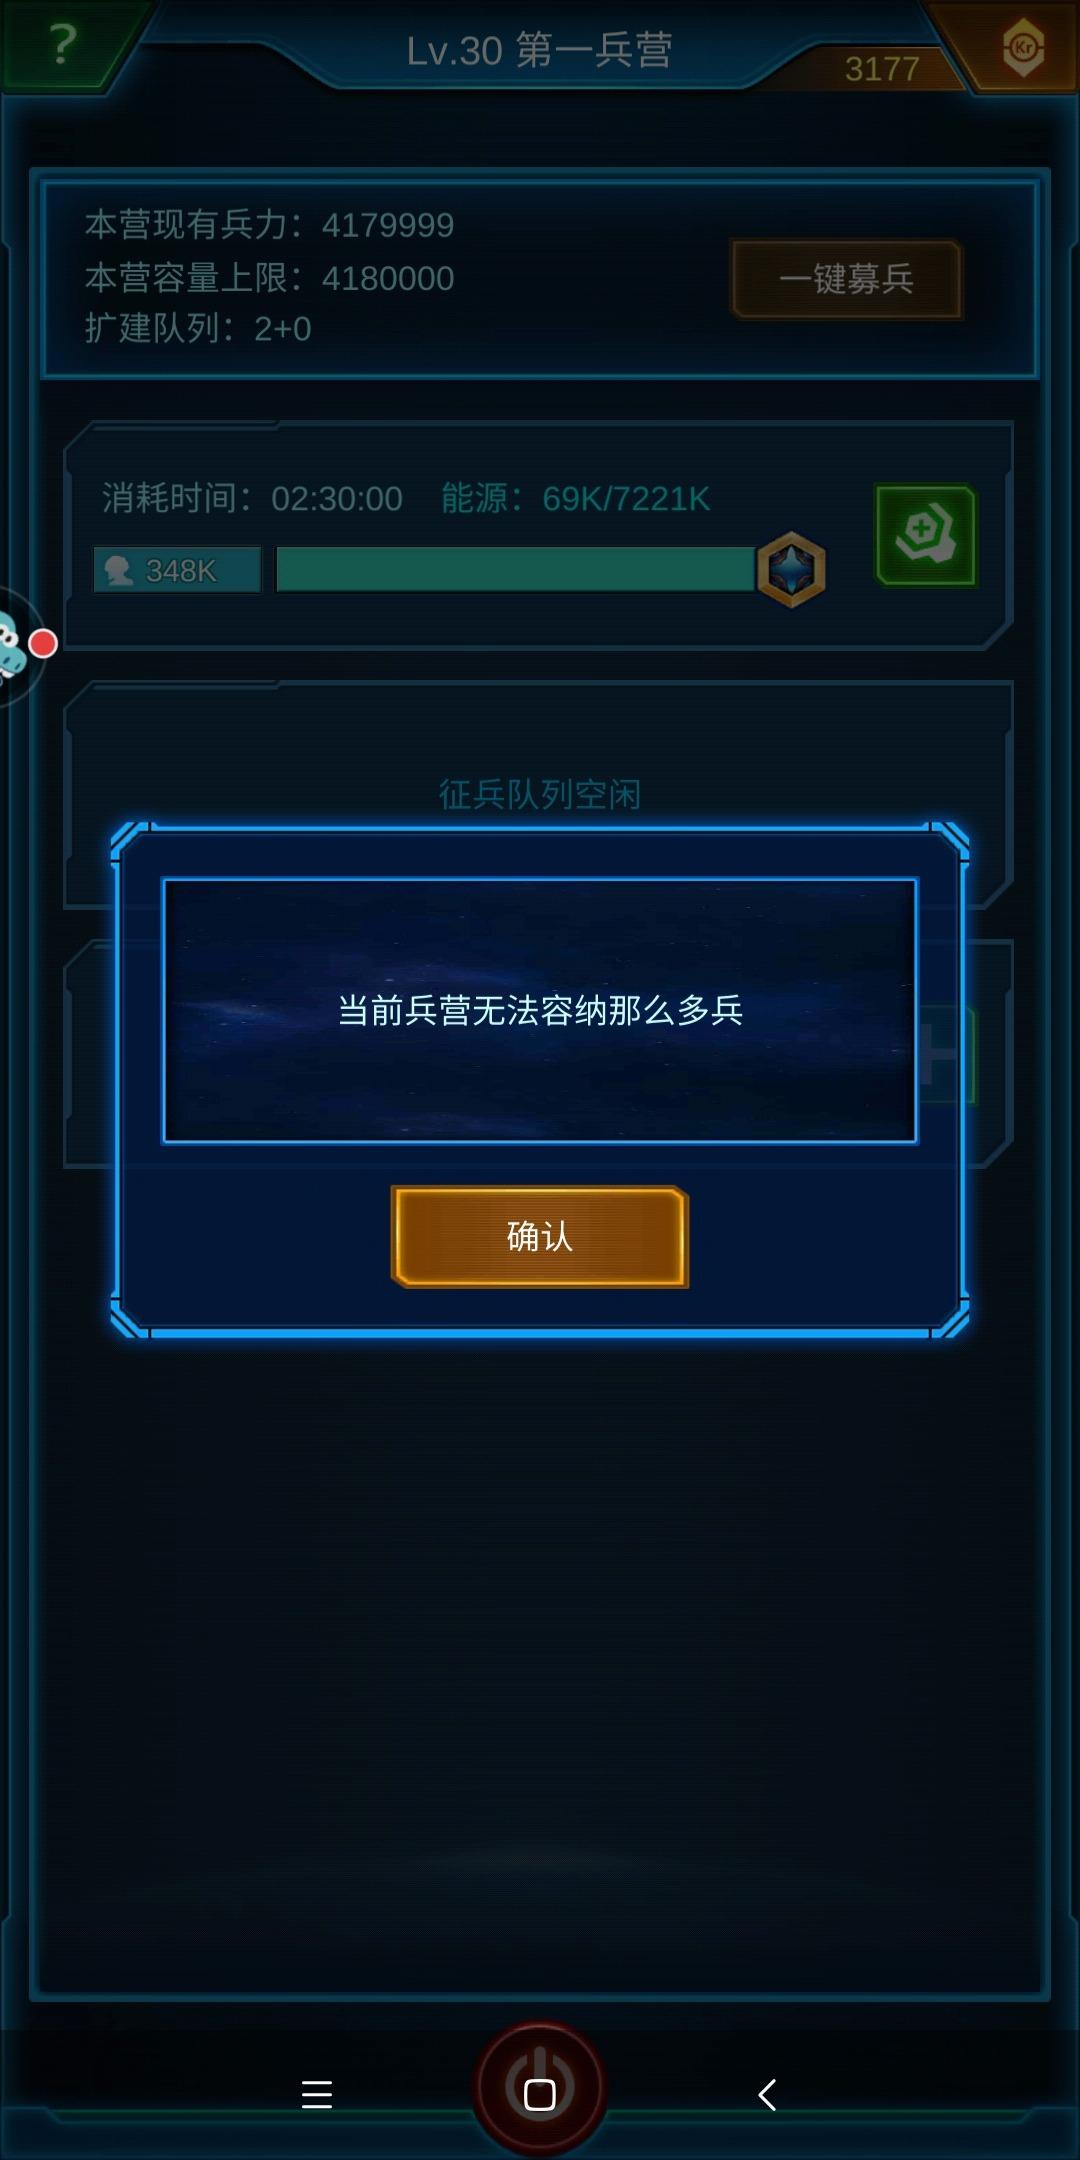 Screenshot_2020-04-12-08-13-39-627_com.jedigames.p16s.aligames.jpg